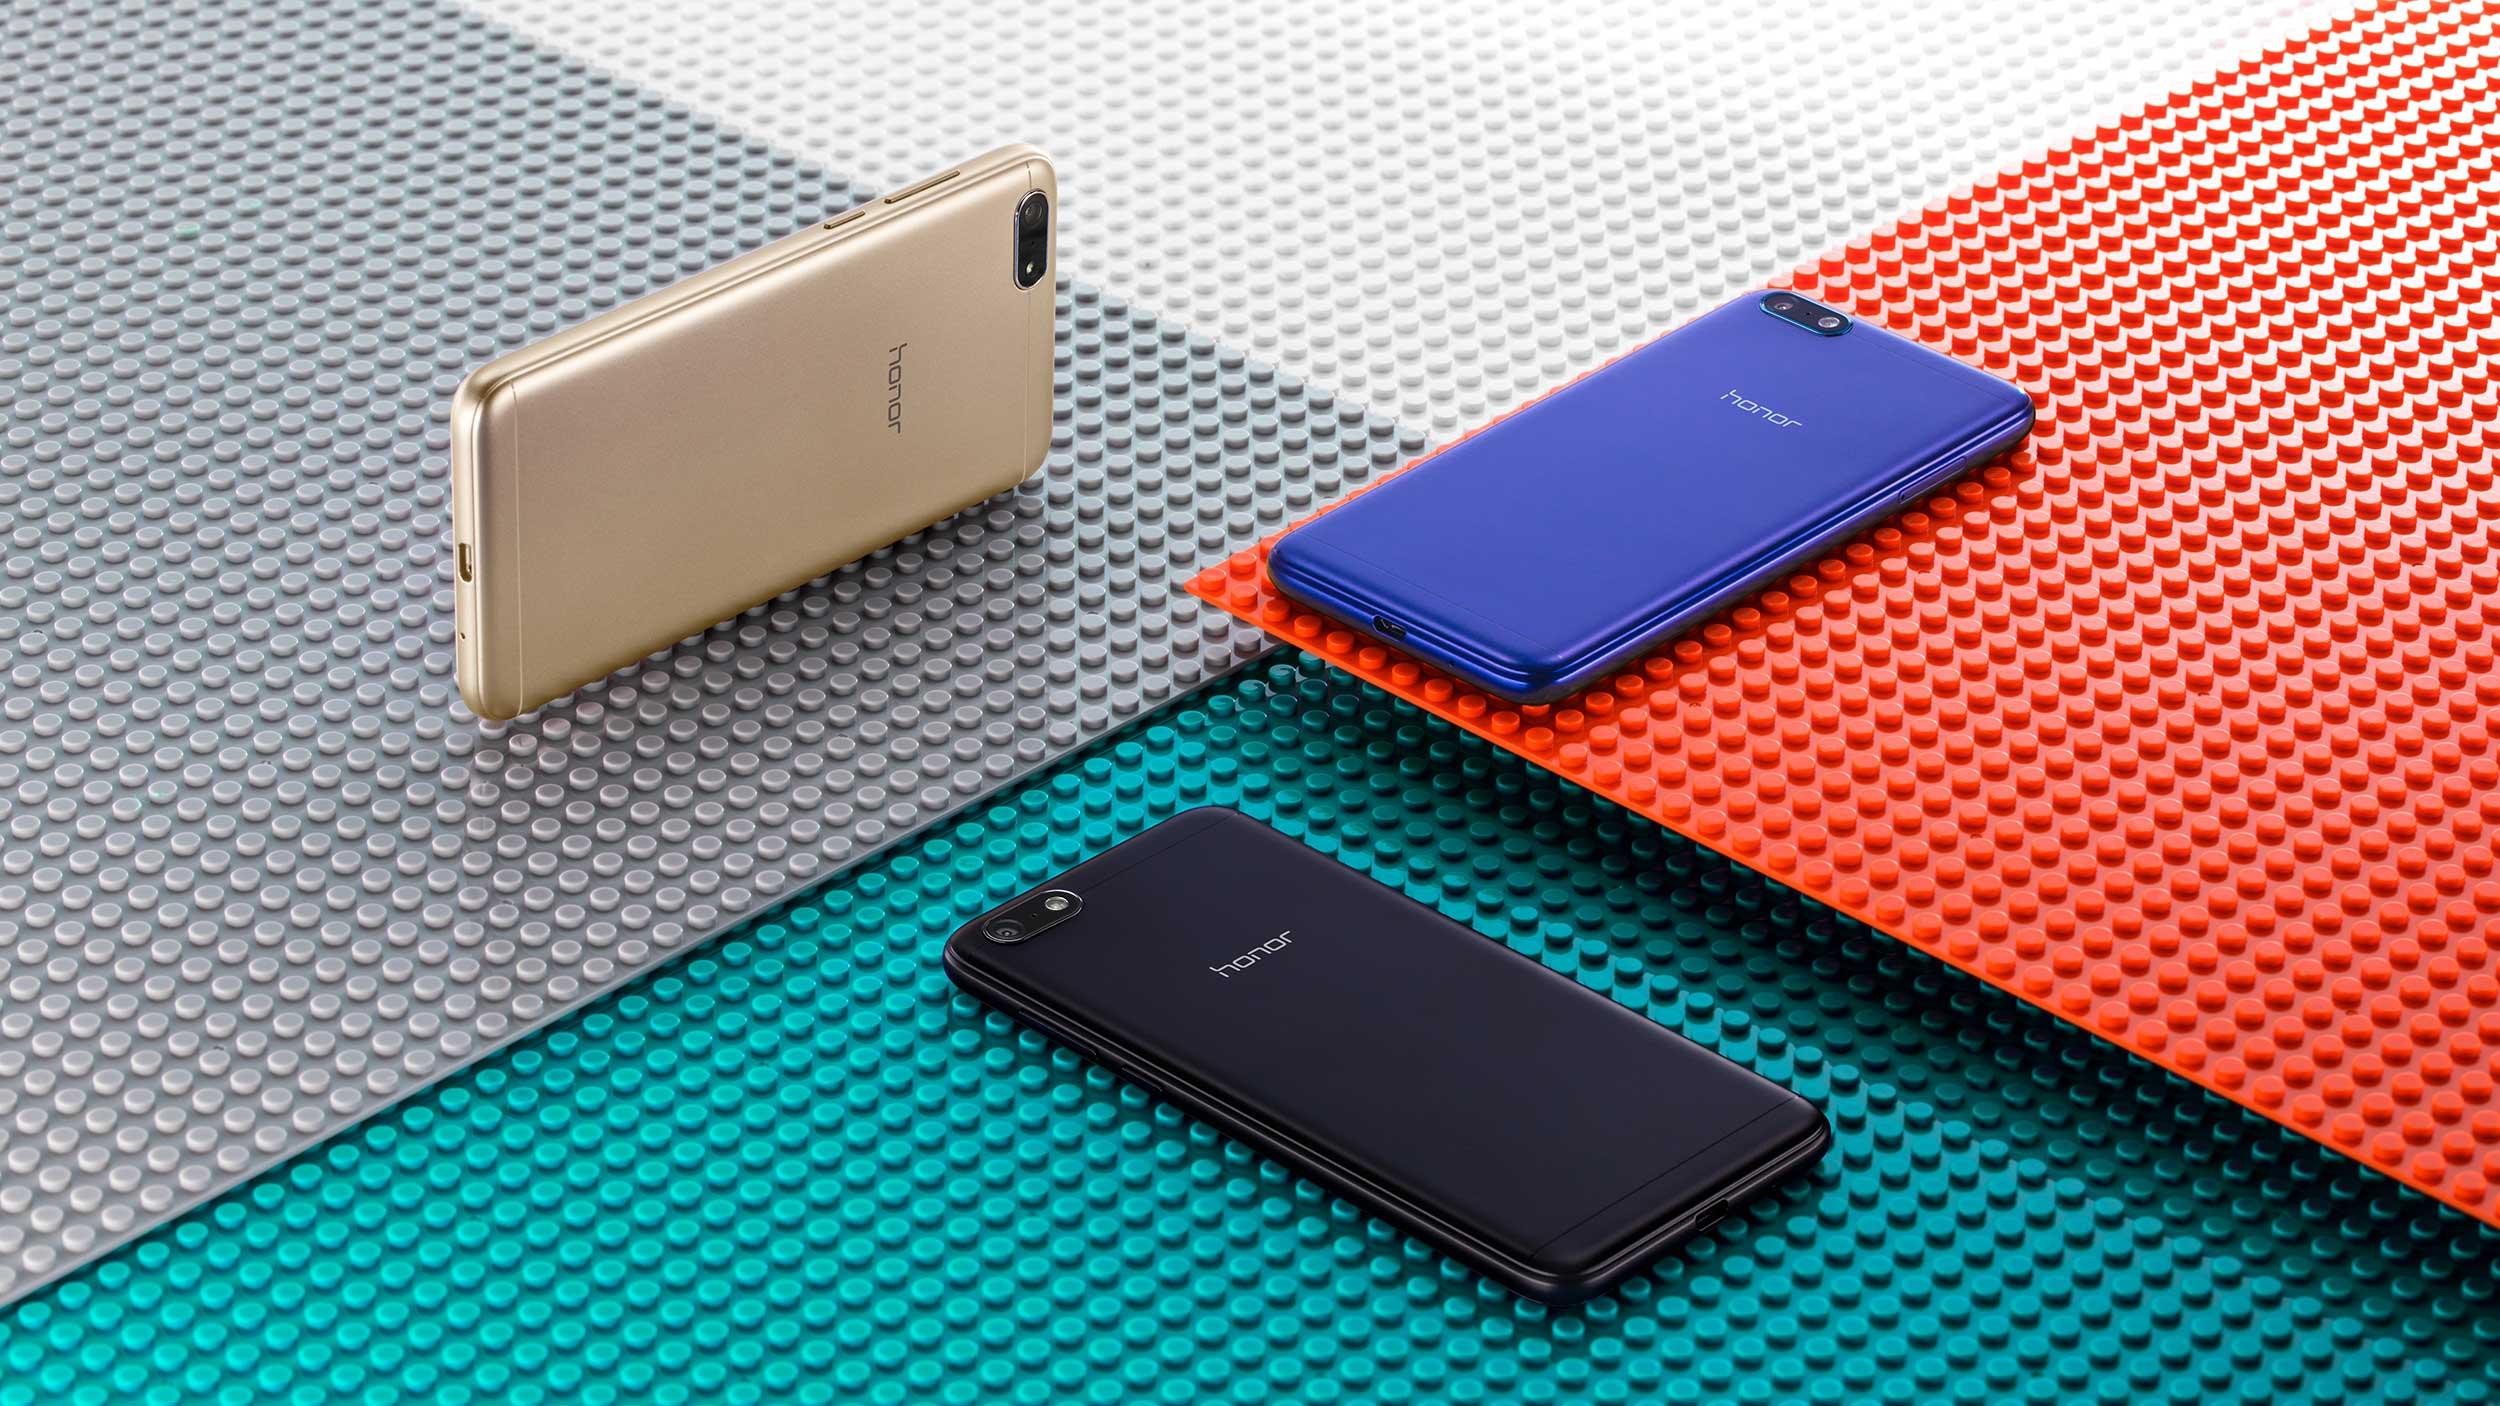 Das Einsteiger-Smartphone Honor 7S kommt in drei Farben auf den Markt. (Bild: Honor)